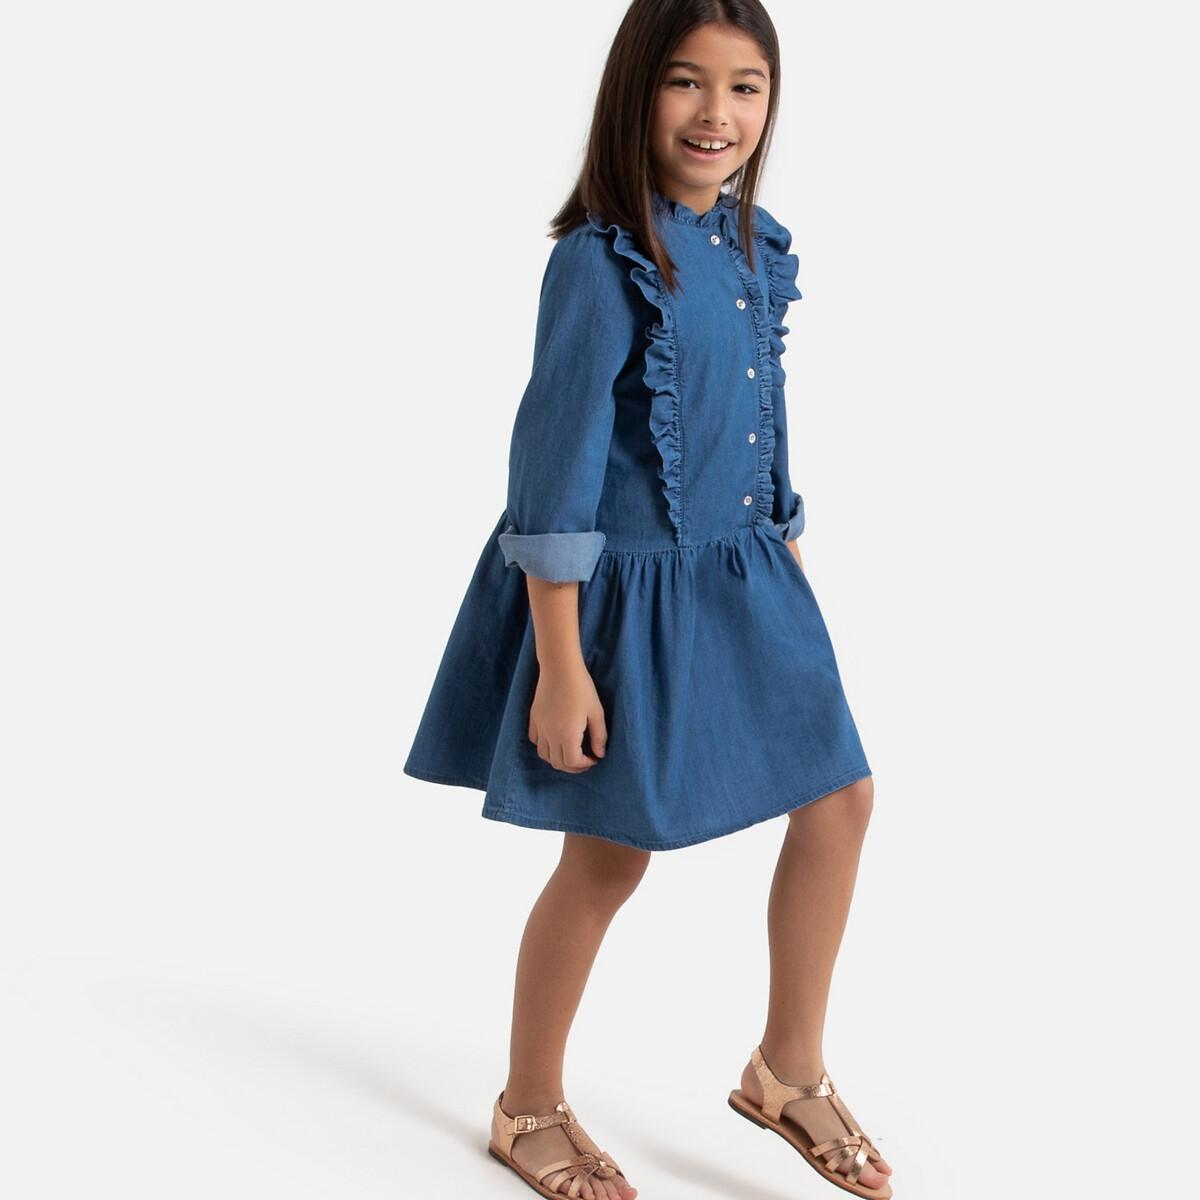 Платье LaRedoute Из джинсовой ткани с воланами 3-12 лет 3 года - 94 см синий